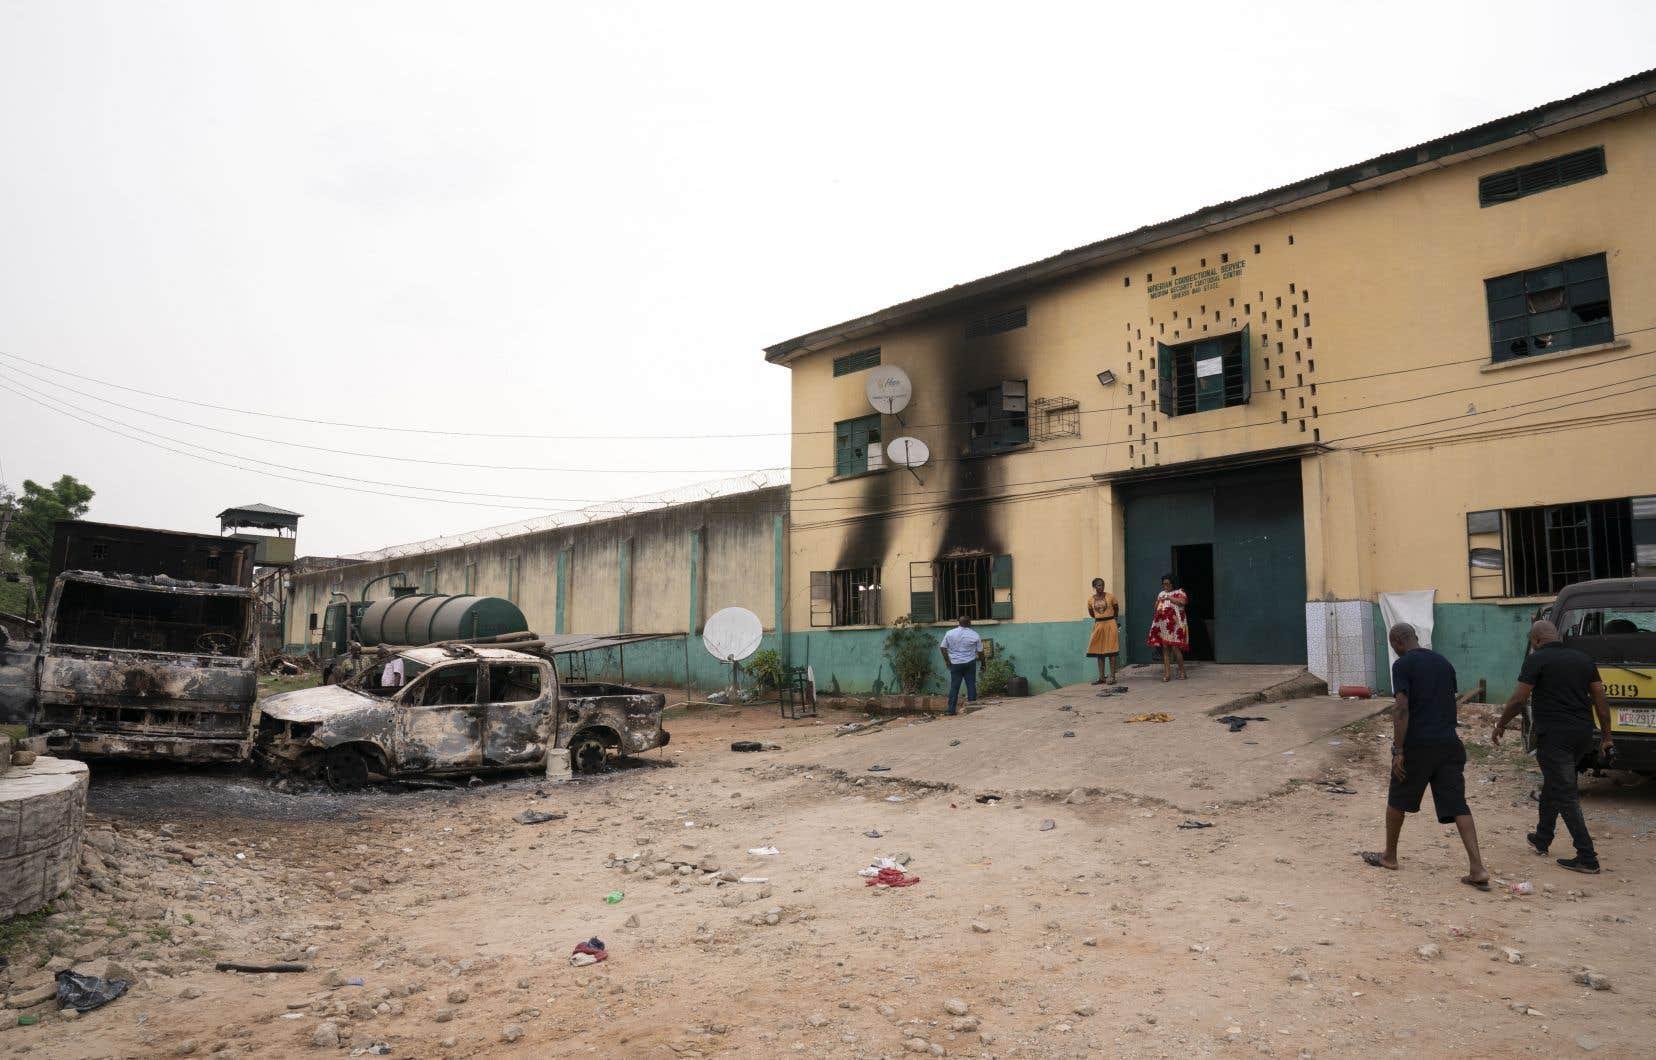 Dans la nuit de dimanche à lundi, plus de 1844 détenus se sont échappés de la prison d'Owerri, dans l'État d'Imo, au cours d'une attaque perpétrée par «des hommes armés» qui ont fait exploser la porte d'entrée.